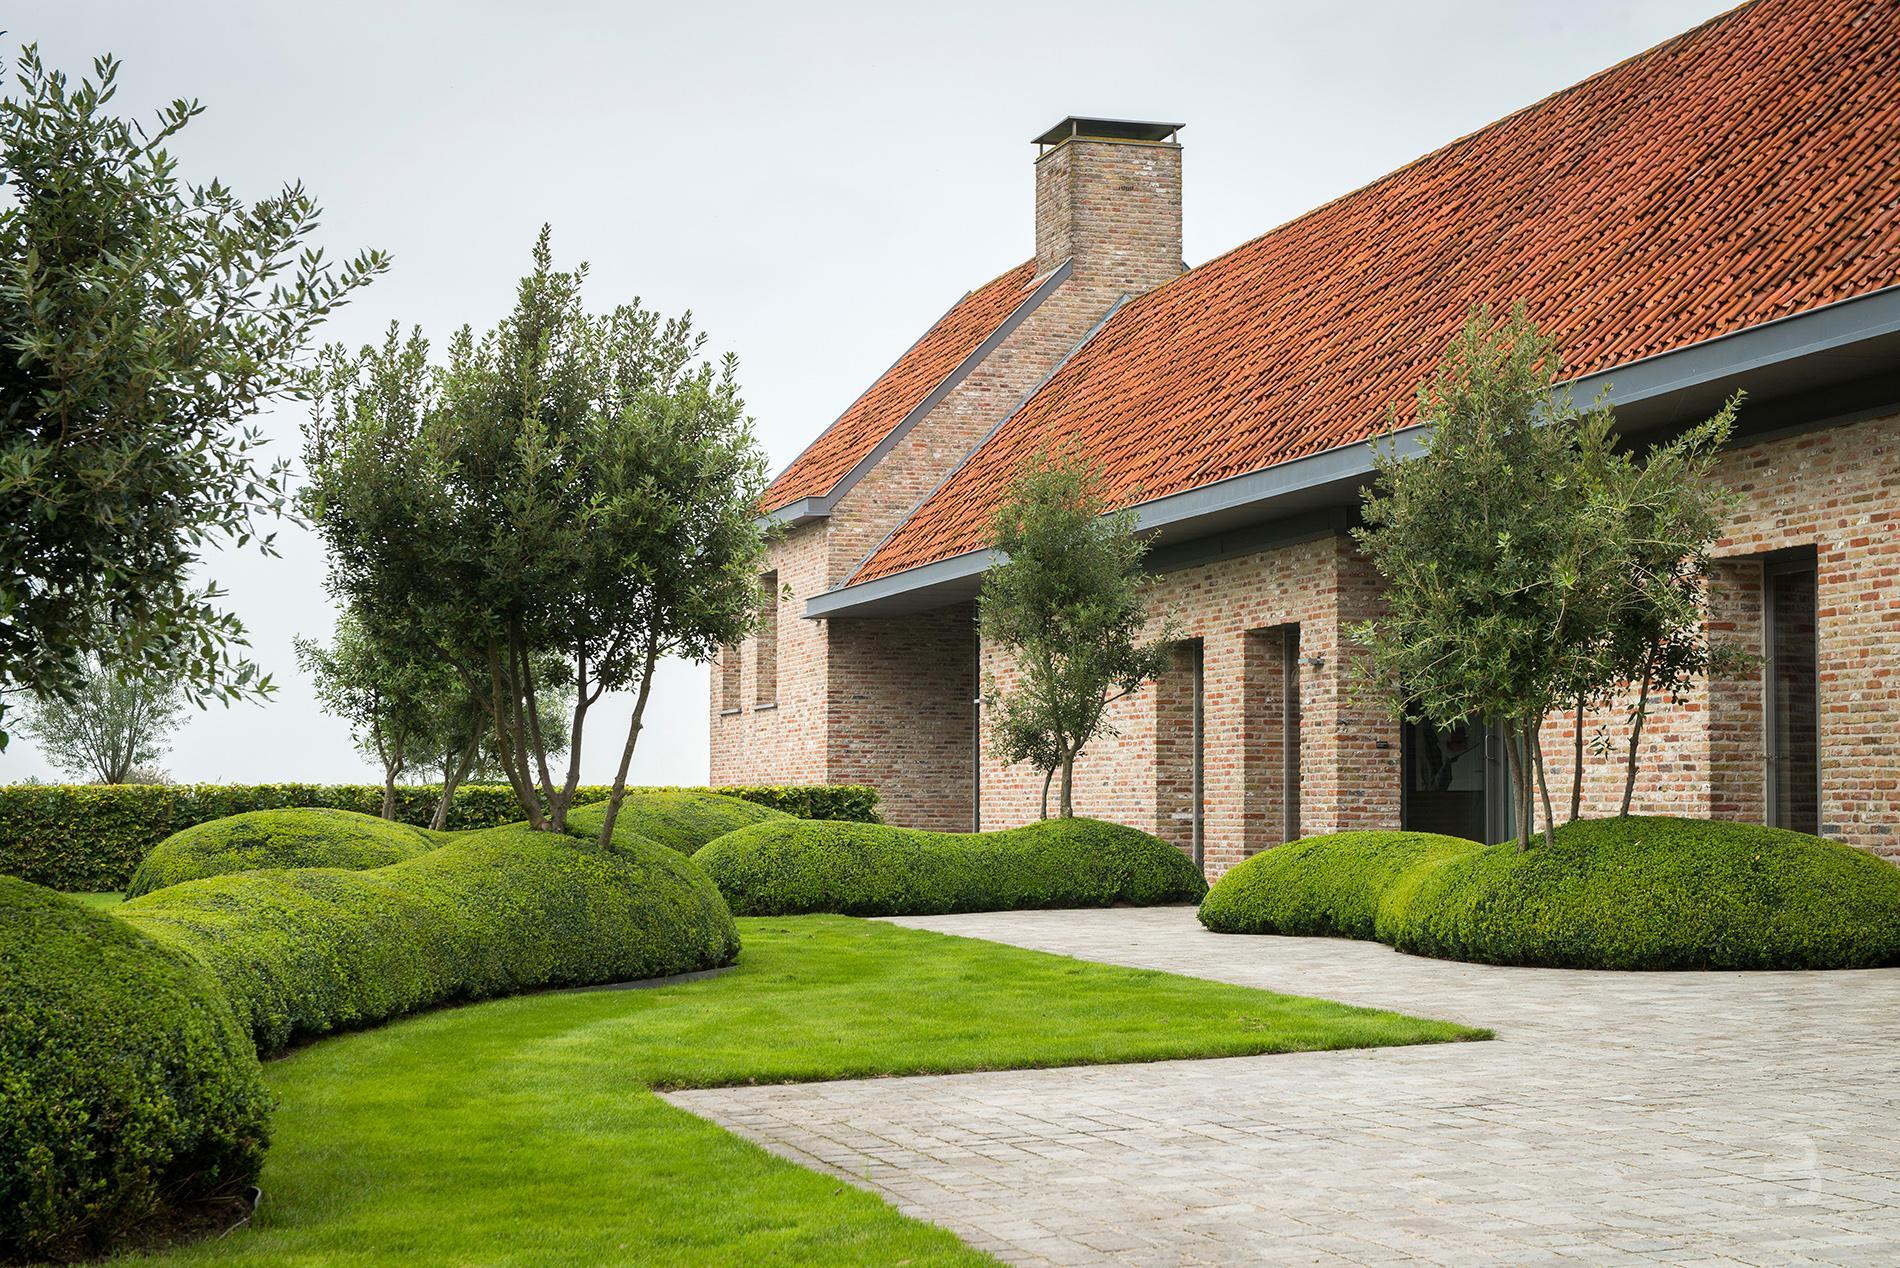 Afbeelding project Landschapstuin rond Zuienkerkse polder hoeve